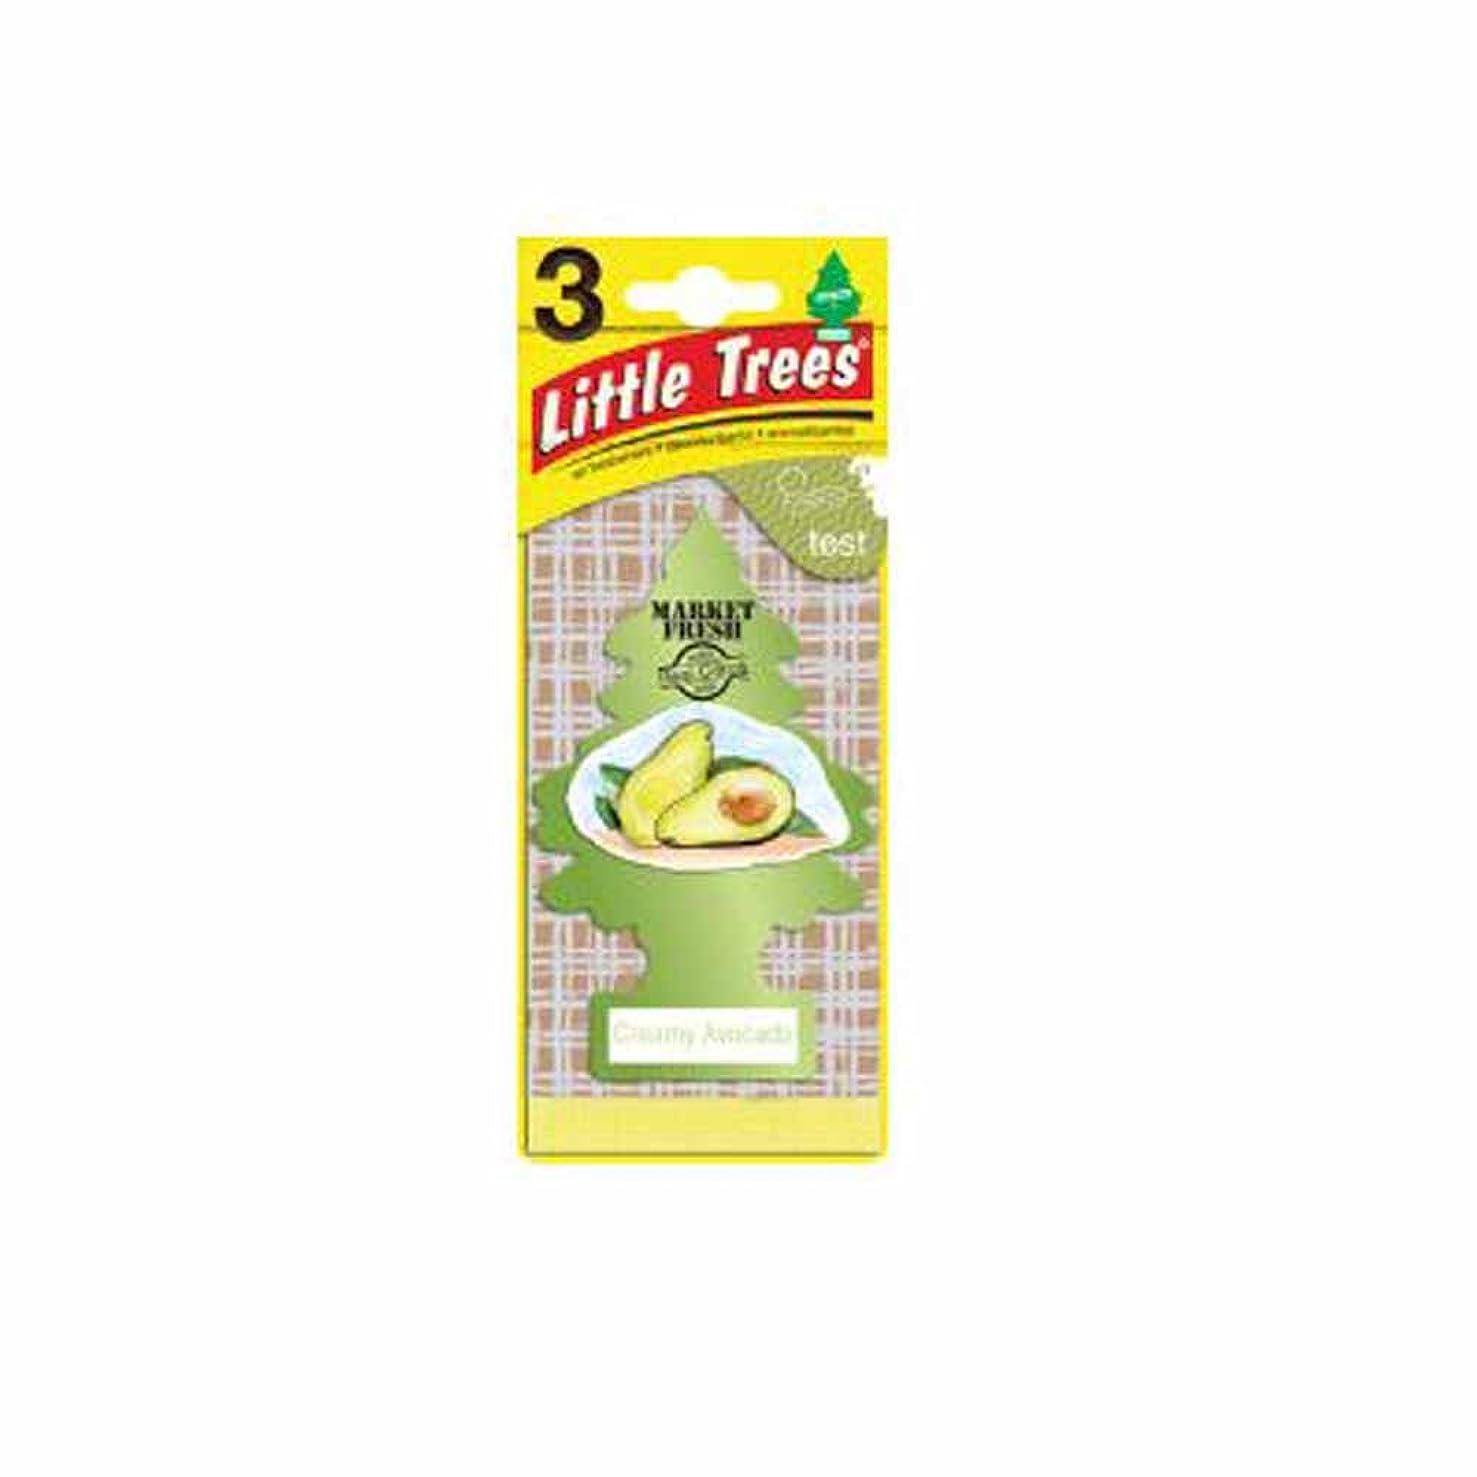 空中意志に反する不正確Little Trees 吊下げタイプ エアーフレッシュナー creamy avocado(クリーミーアボカド) 3枚セット(3P) U3S-37340